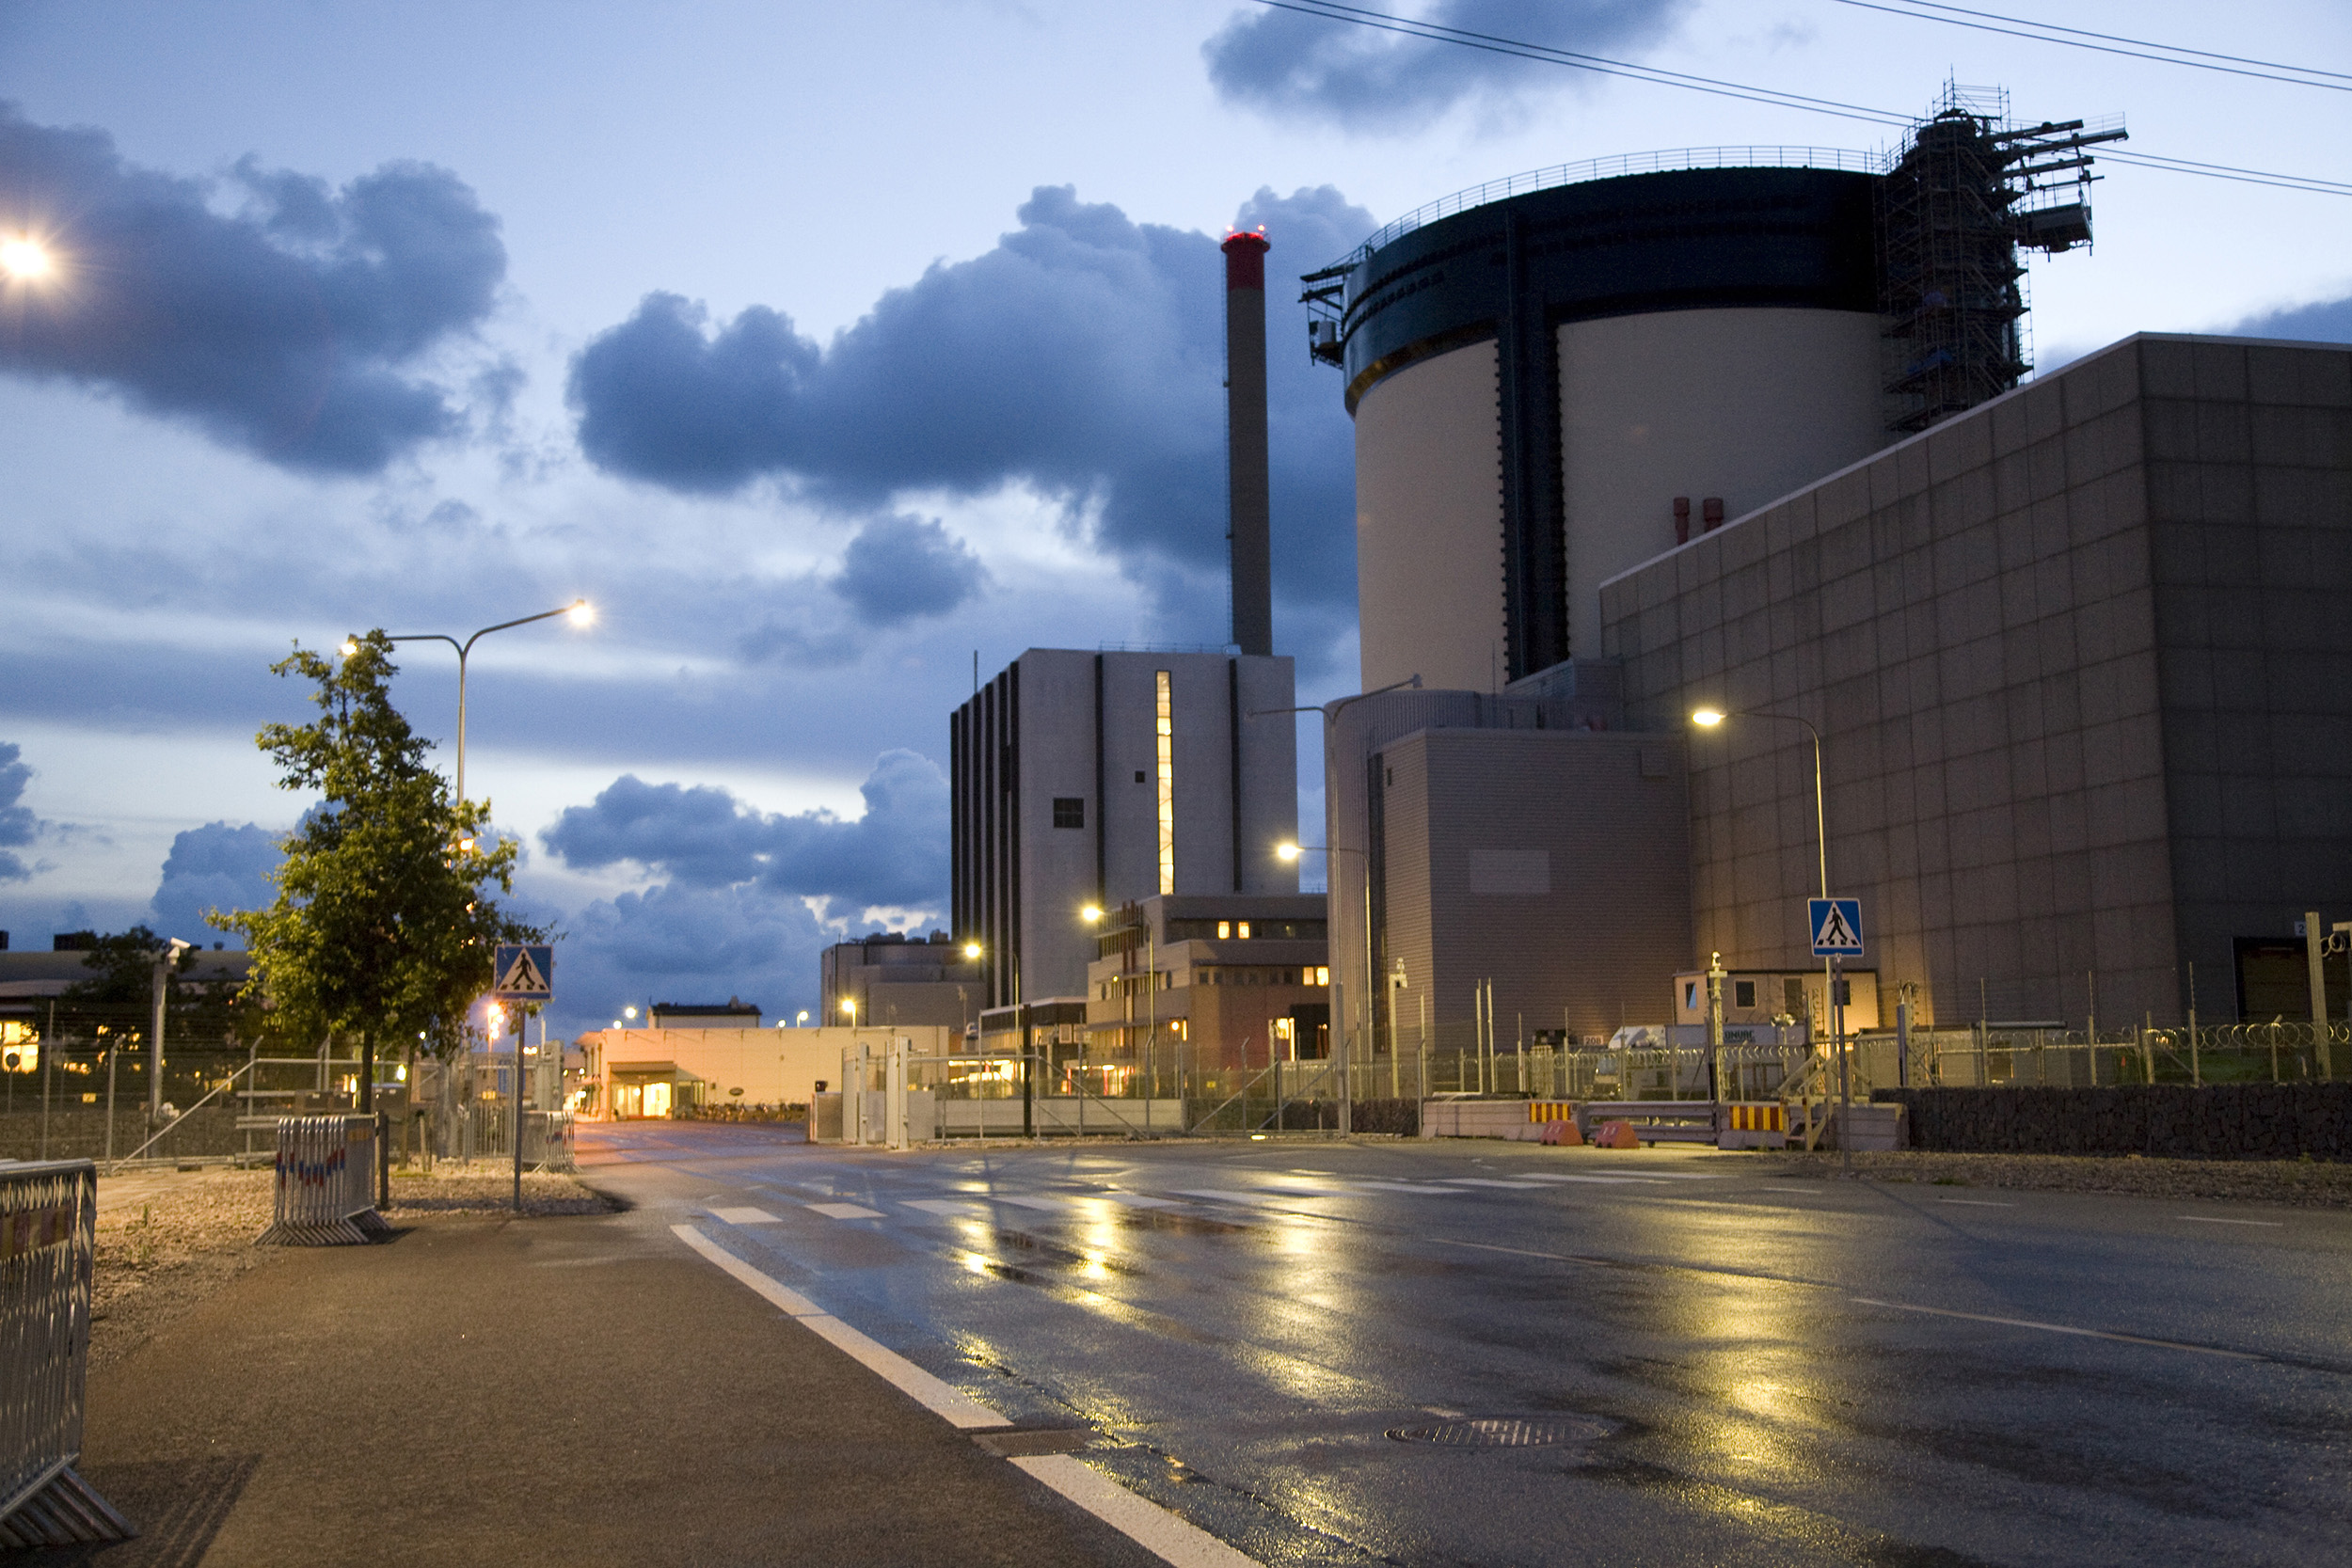 jaderná energie - Švédsko na cestě k energetice bez emisí nebo bez jaderných elektráren? - Zprávy (ringhals 0) 2